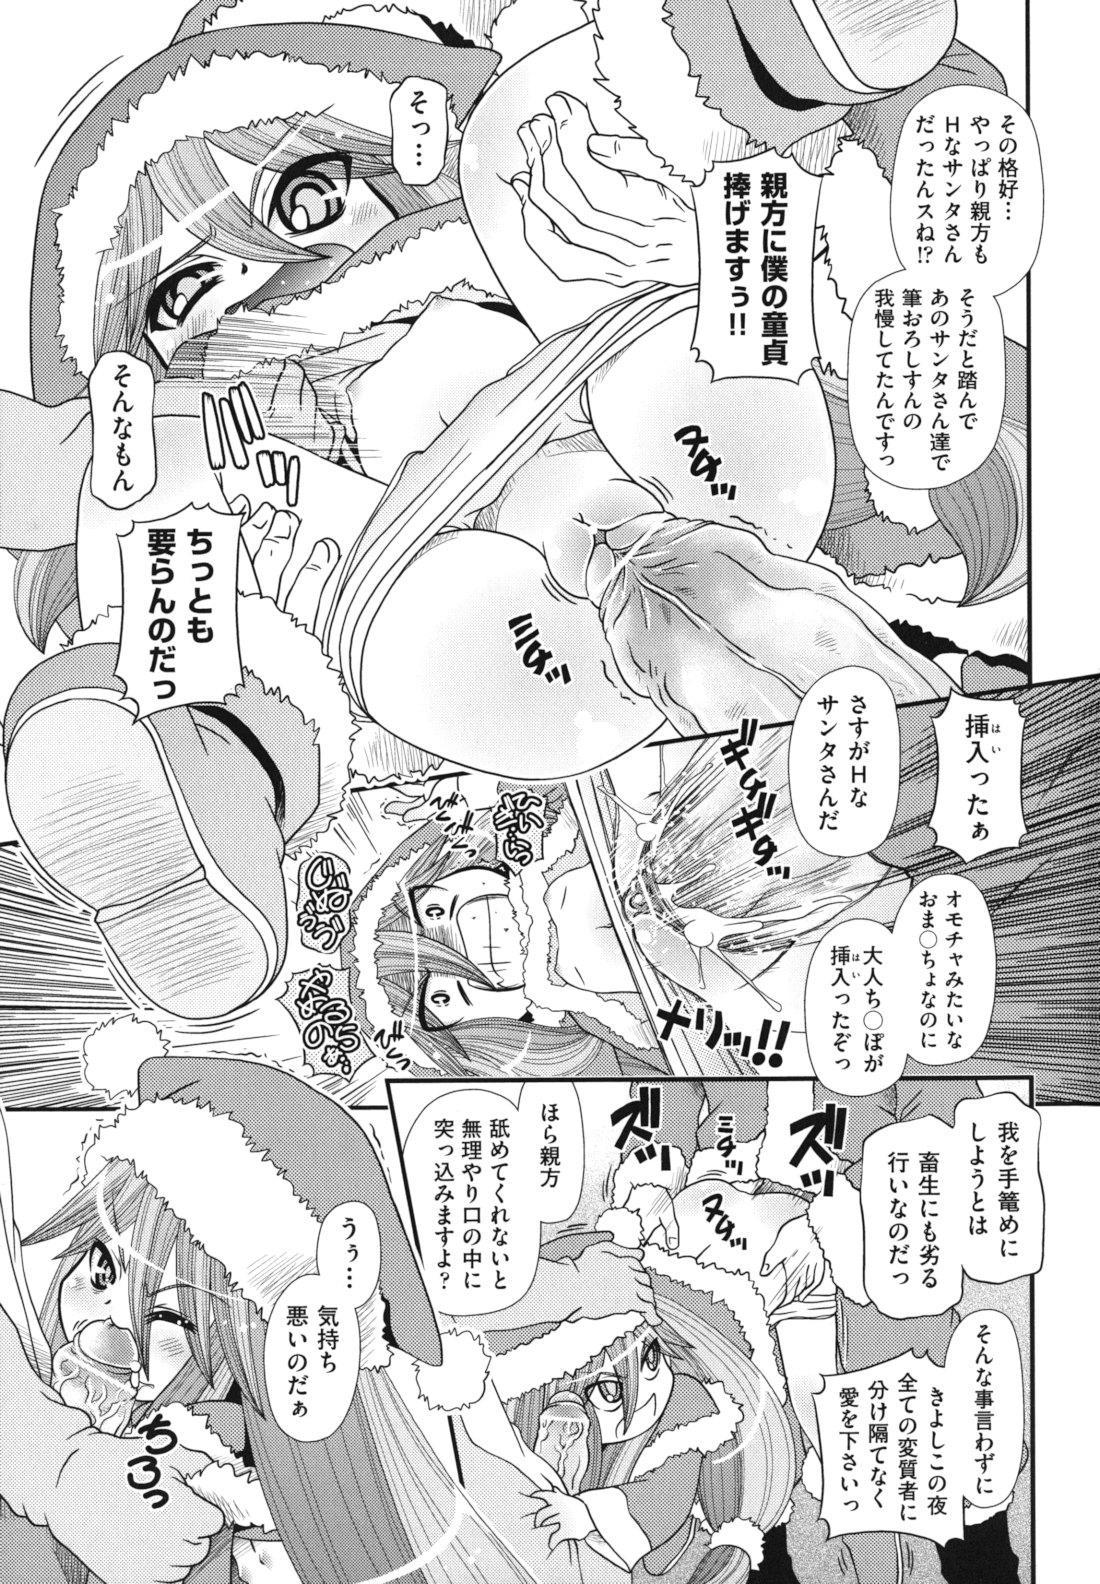 Twintail de Kneesocks no Onnanoko tachi ga Kyakkya de Ufufu♥ 123